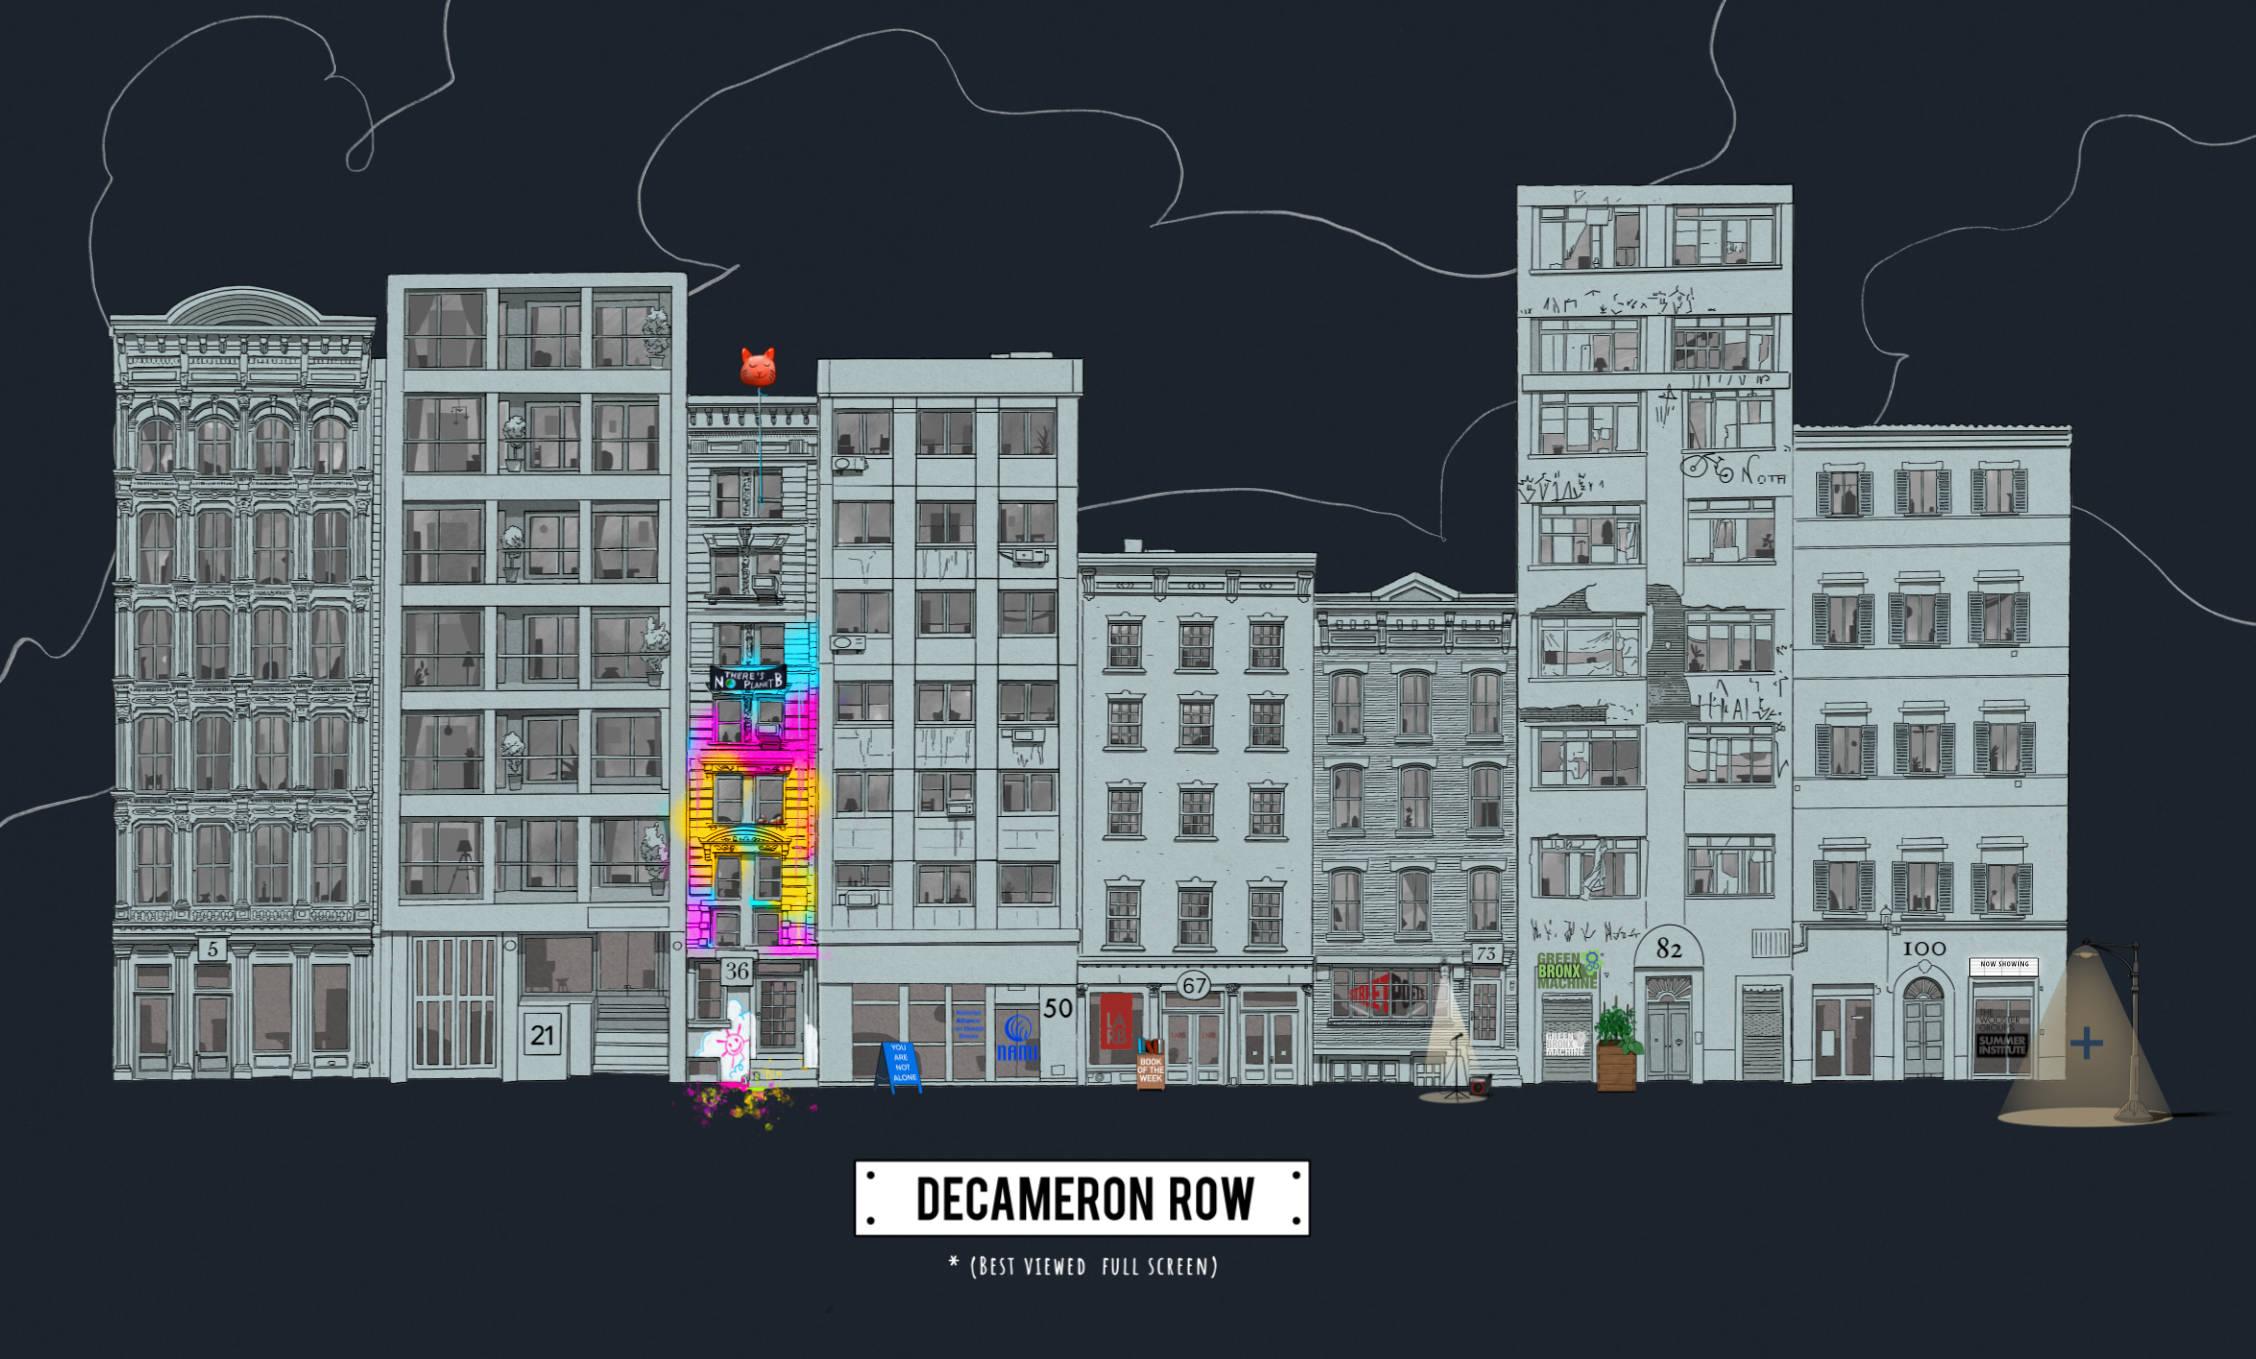 Row of buildings.